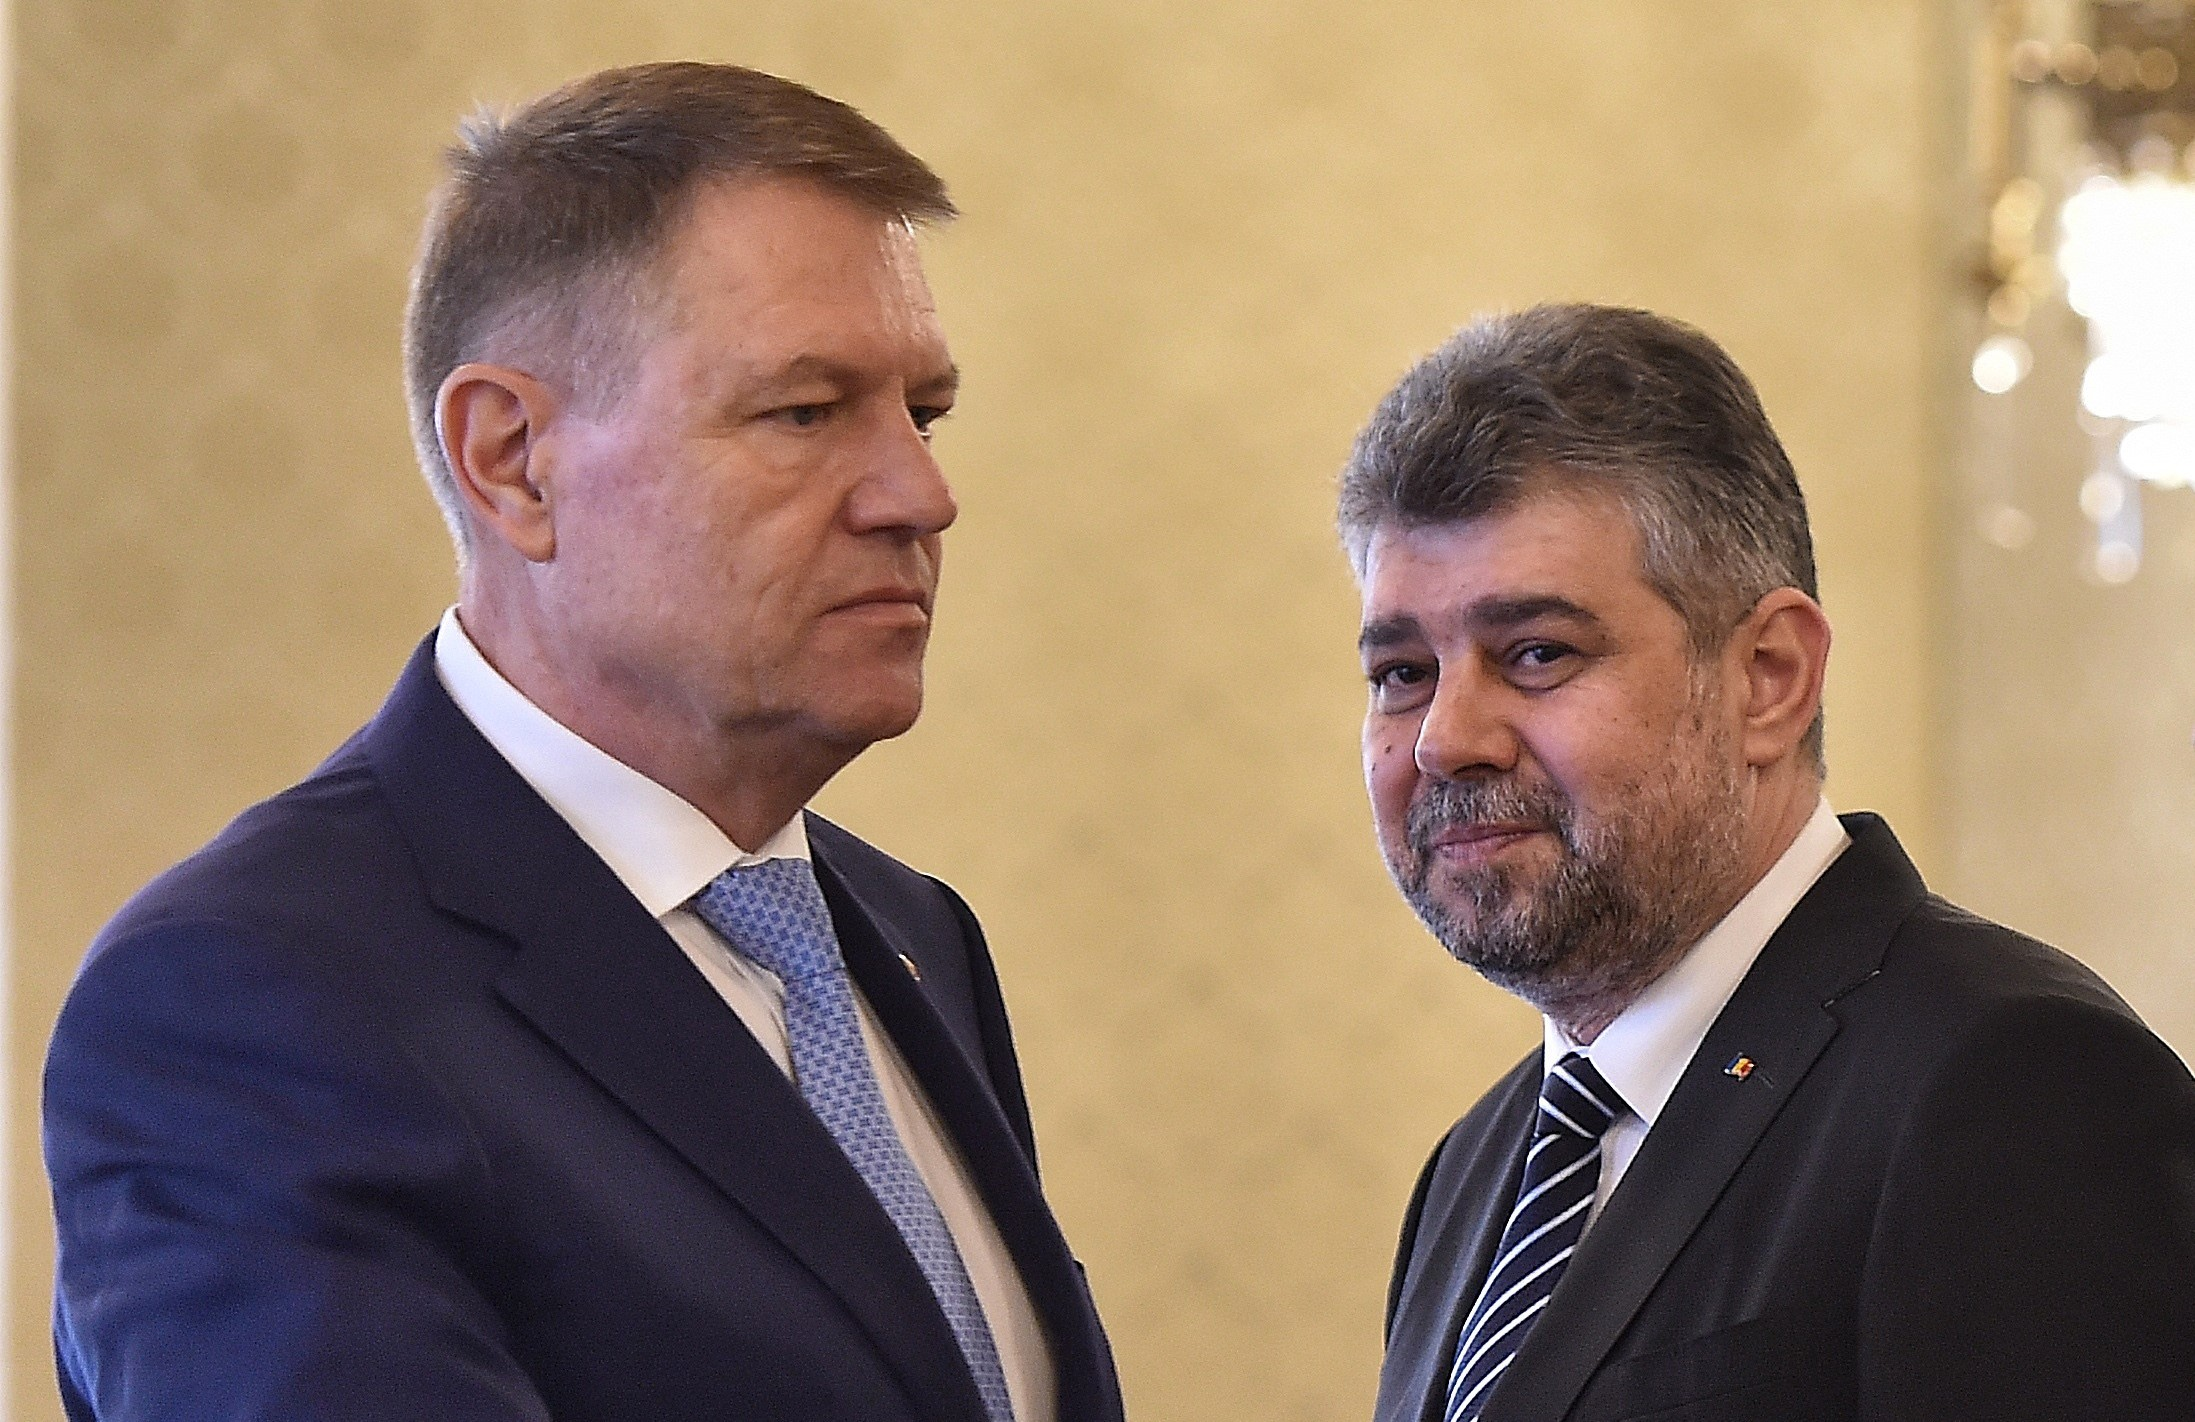 Ciolacu: Părerea mea e că ar trebui suspendat preşedintele. Nu văd cu ce să mă aibă la mână